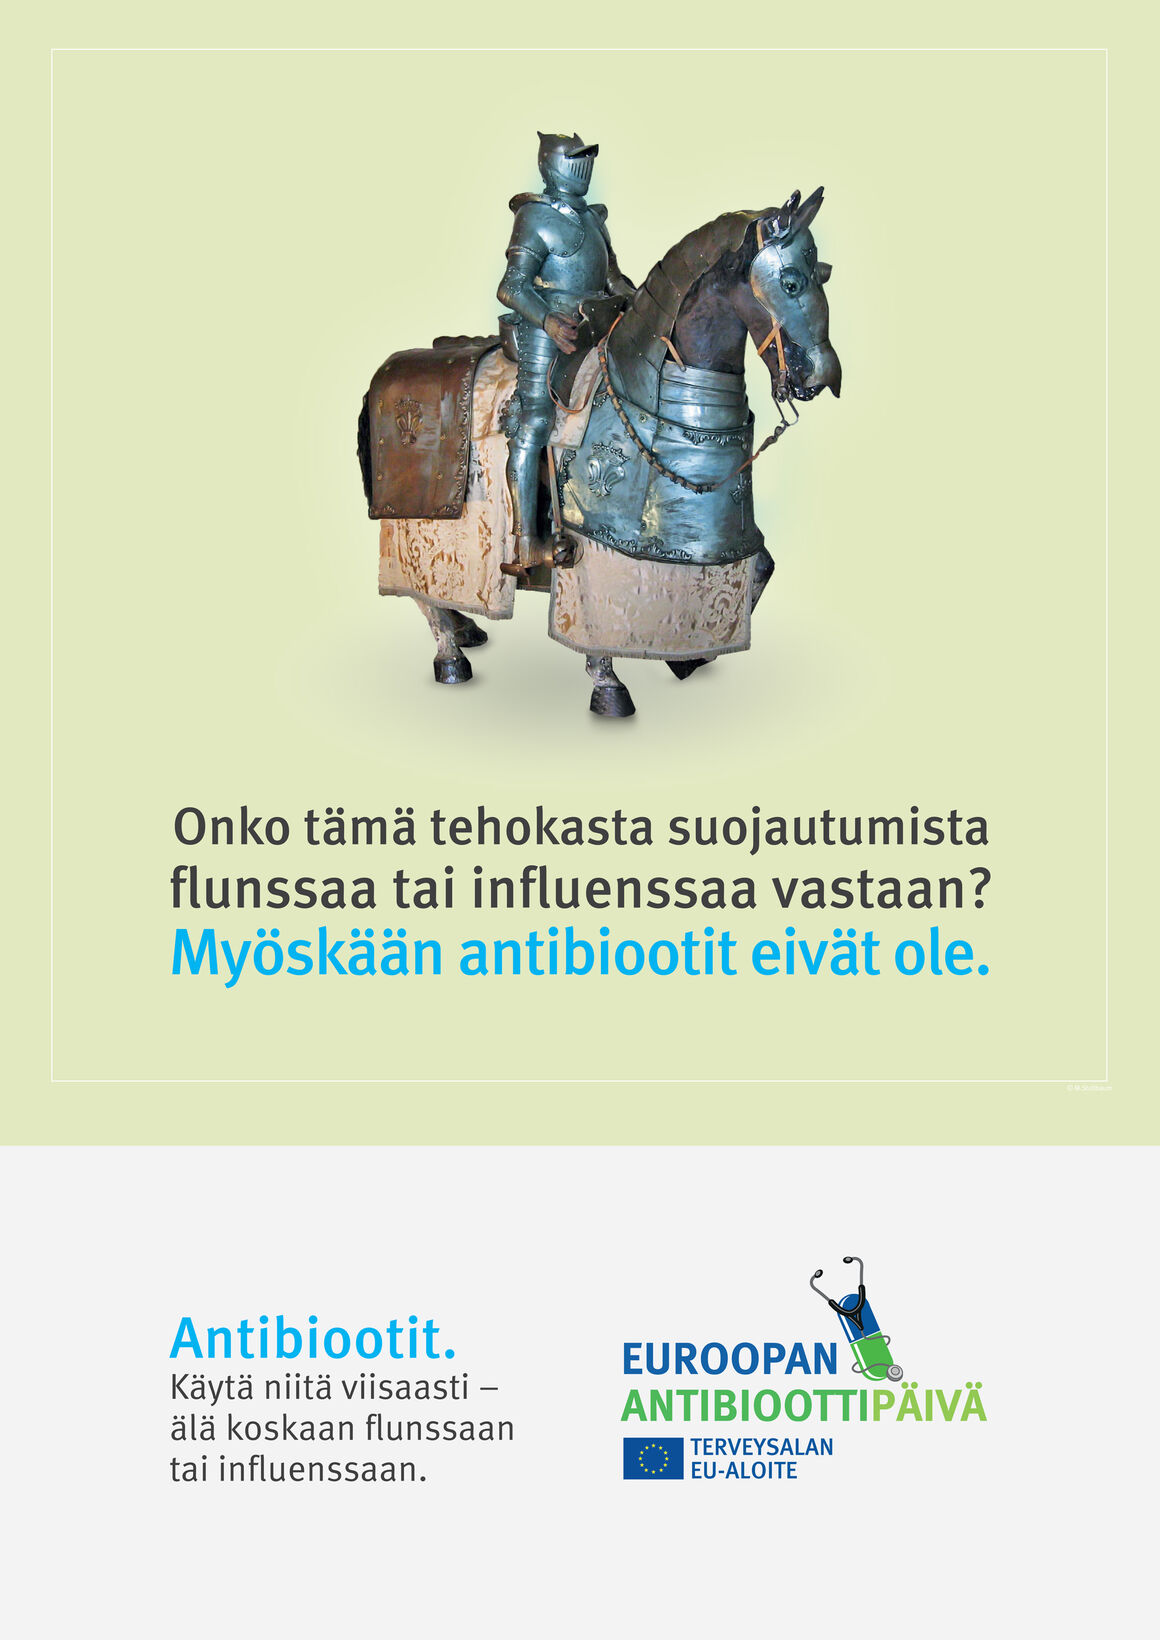 Julisteet: Onko tämä tehokasta suojautumista flunssaa tai influenssaa vastaan? Myöskään antibiootit eivät ole.